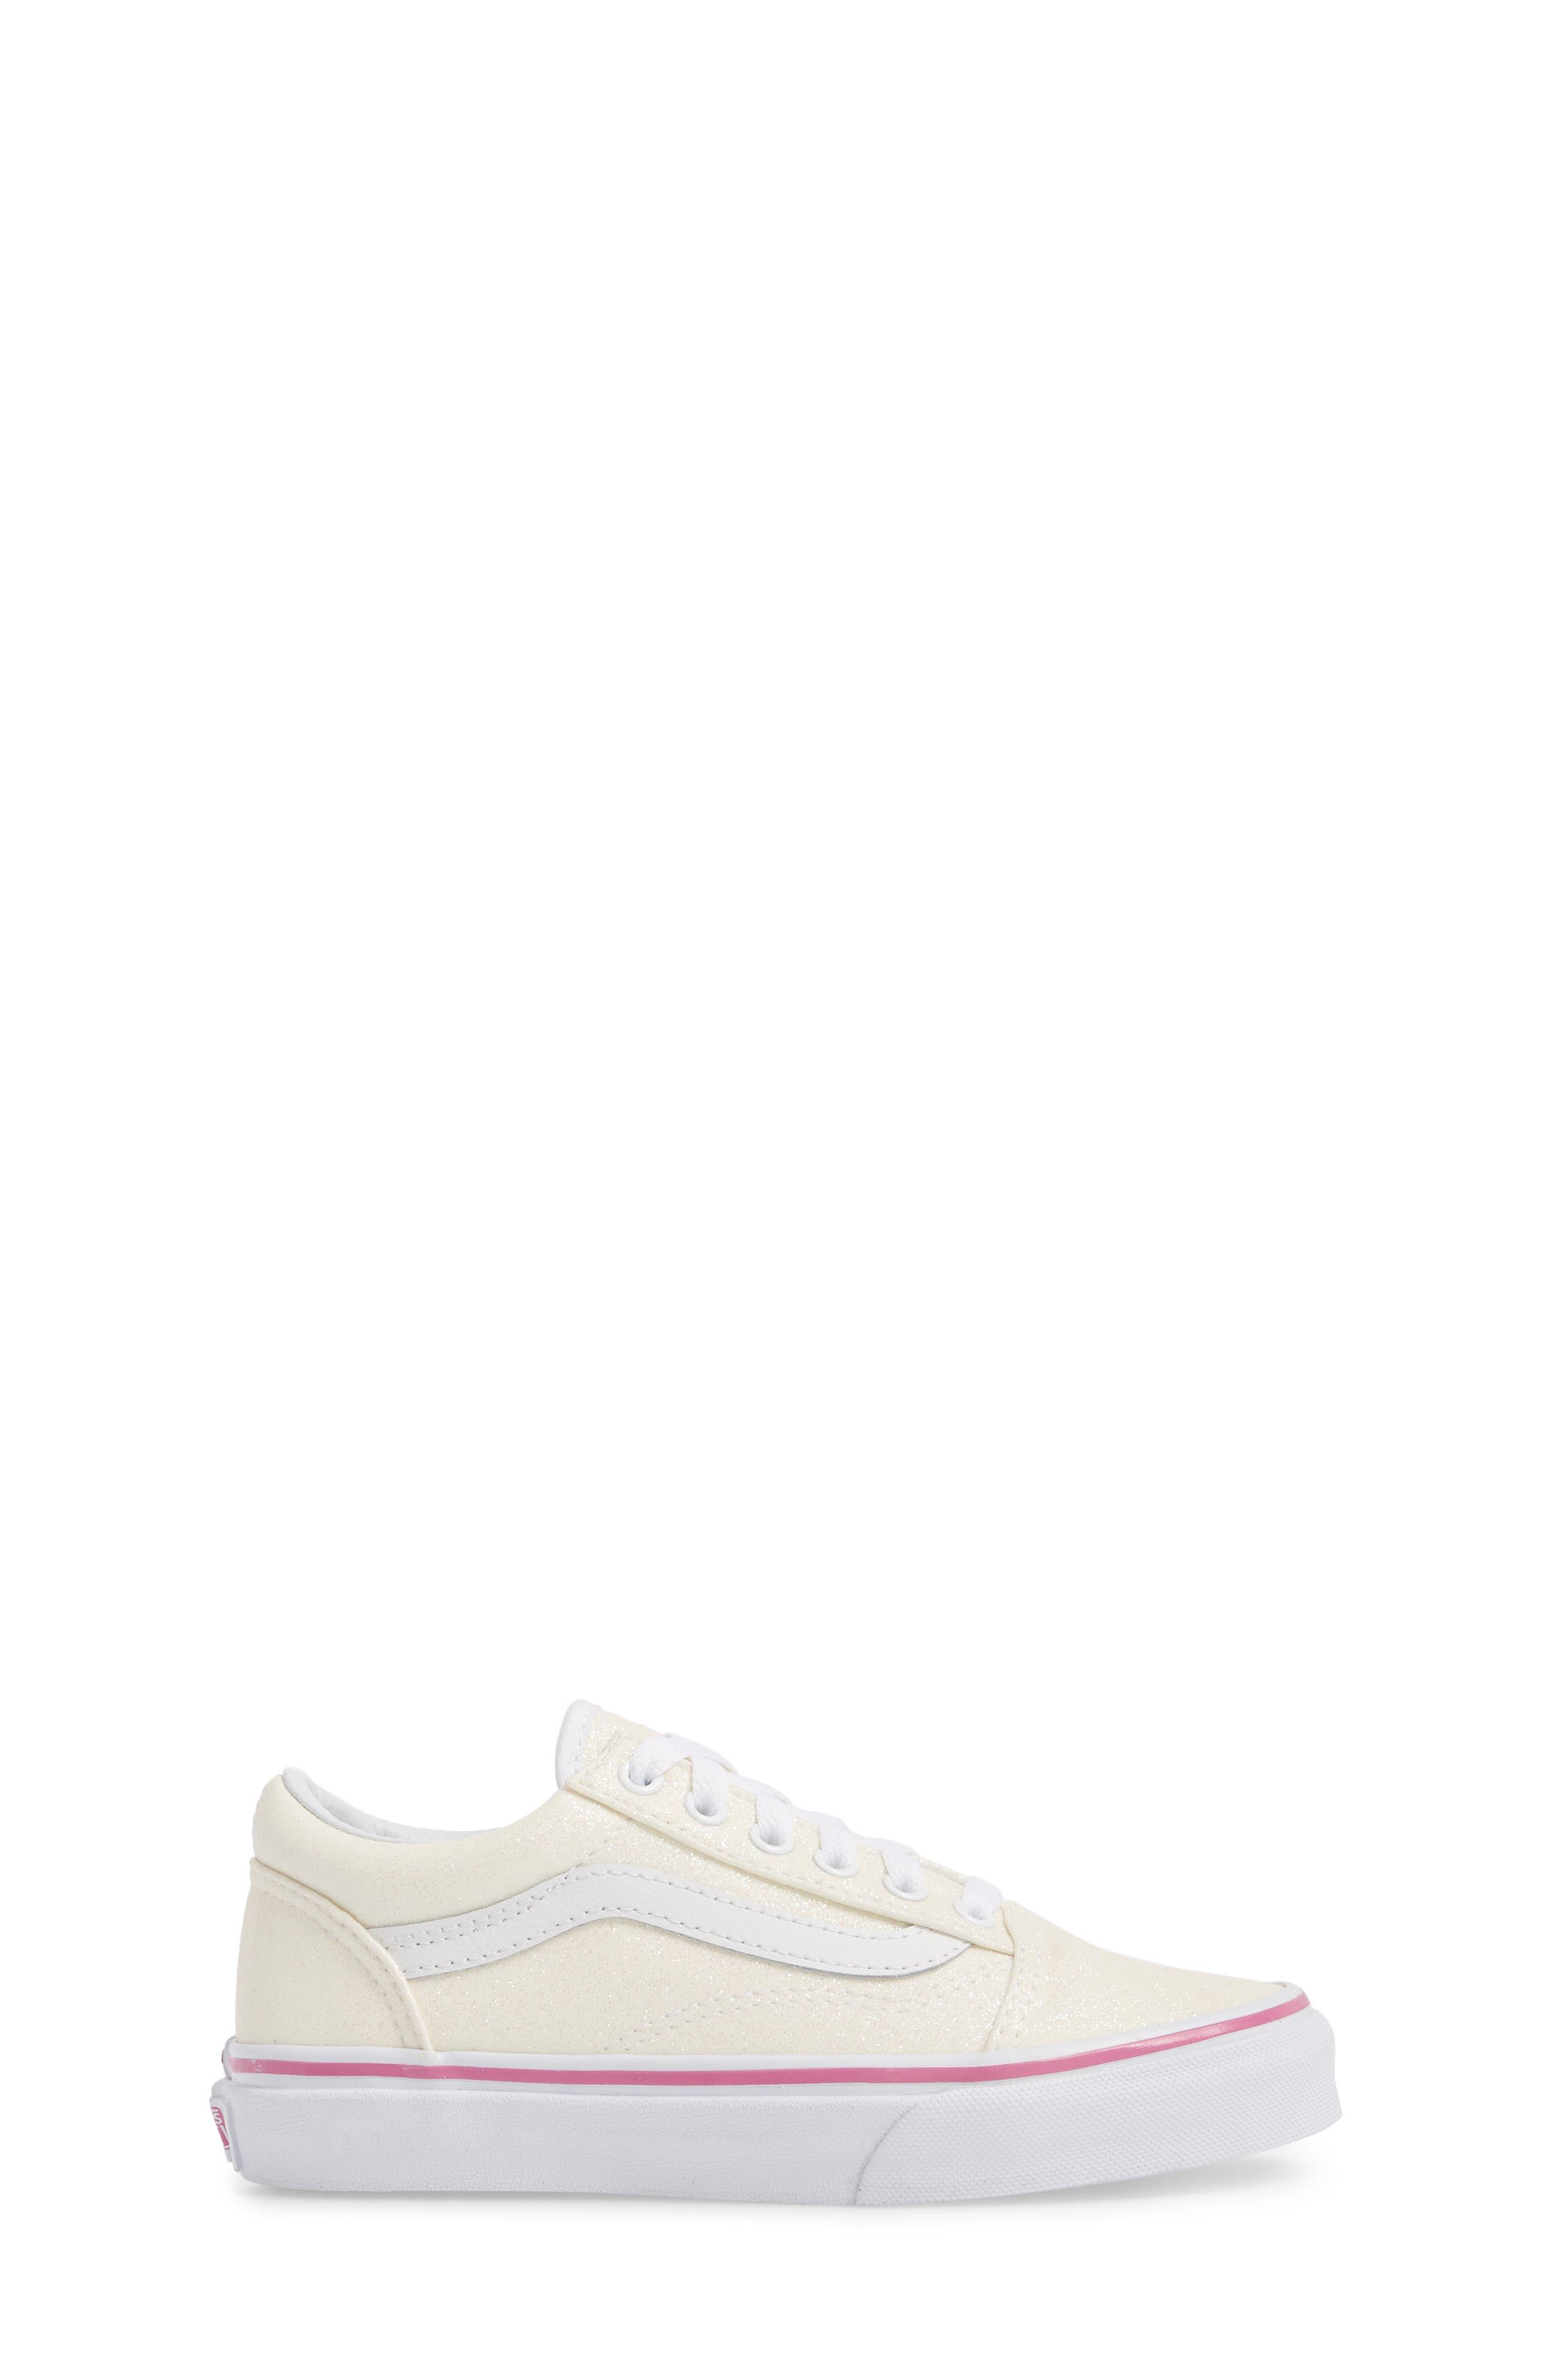 Old Skool Sneaker,                             Alternate thumbnail 3, color,                             Rainbow White Glitter